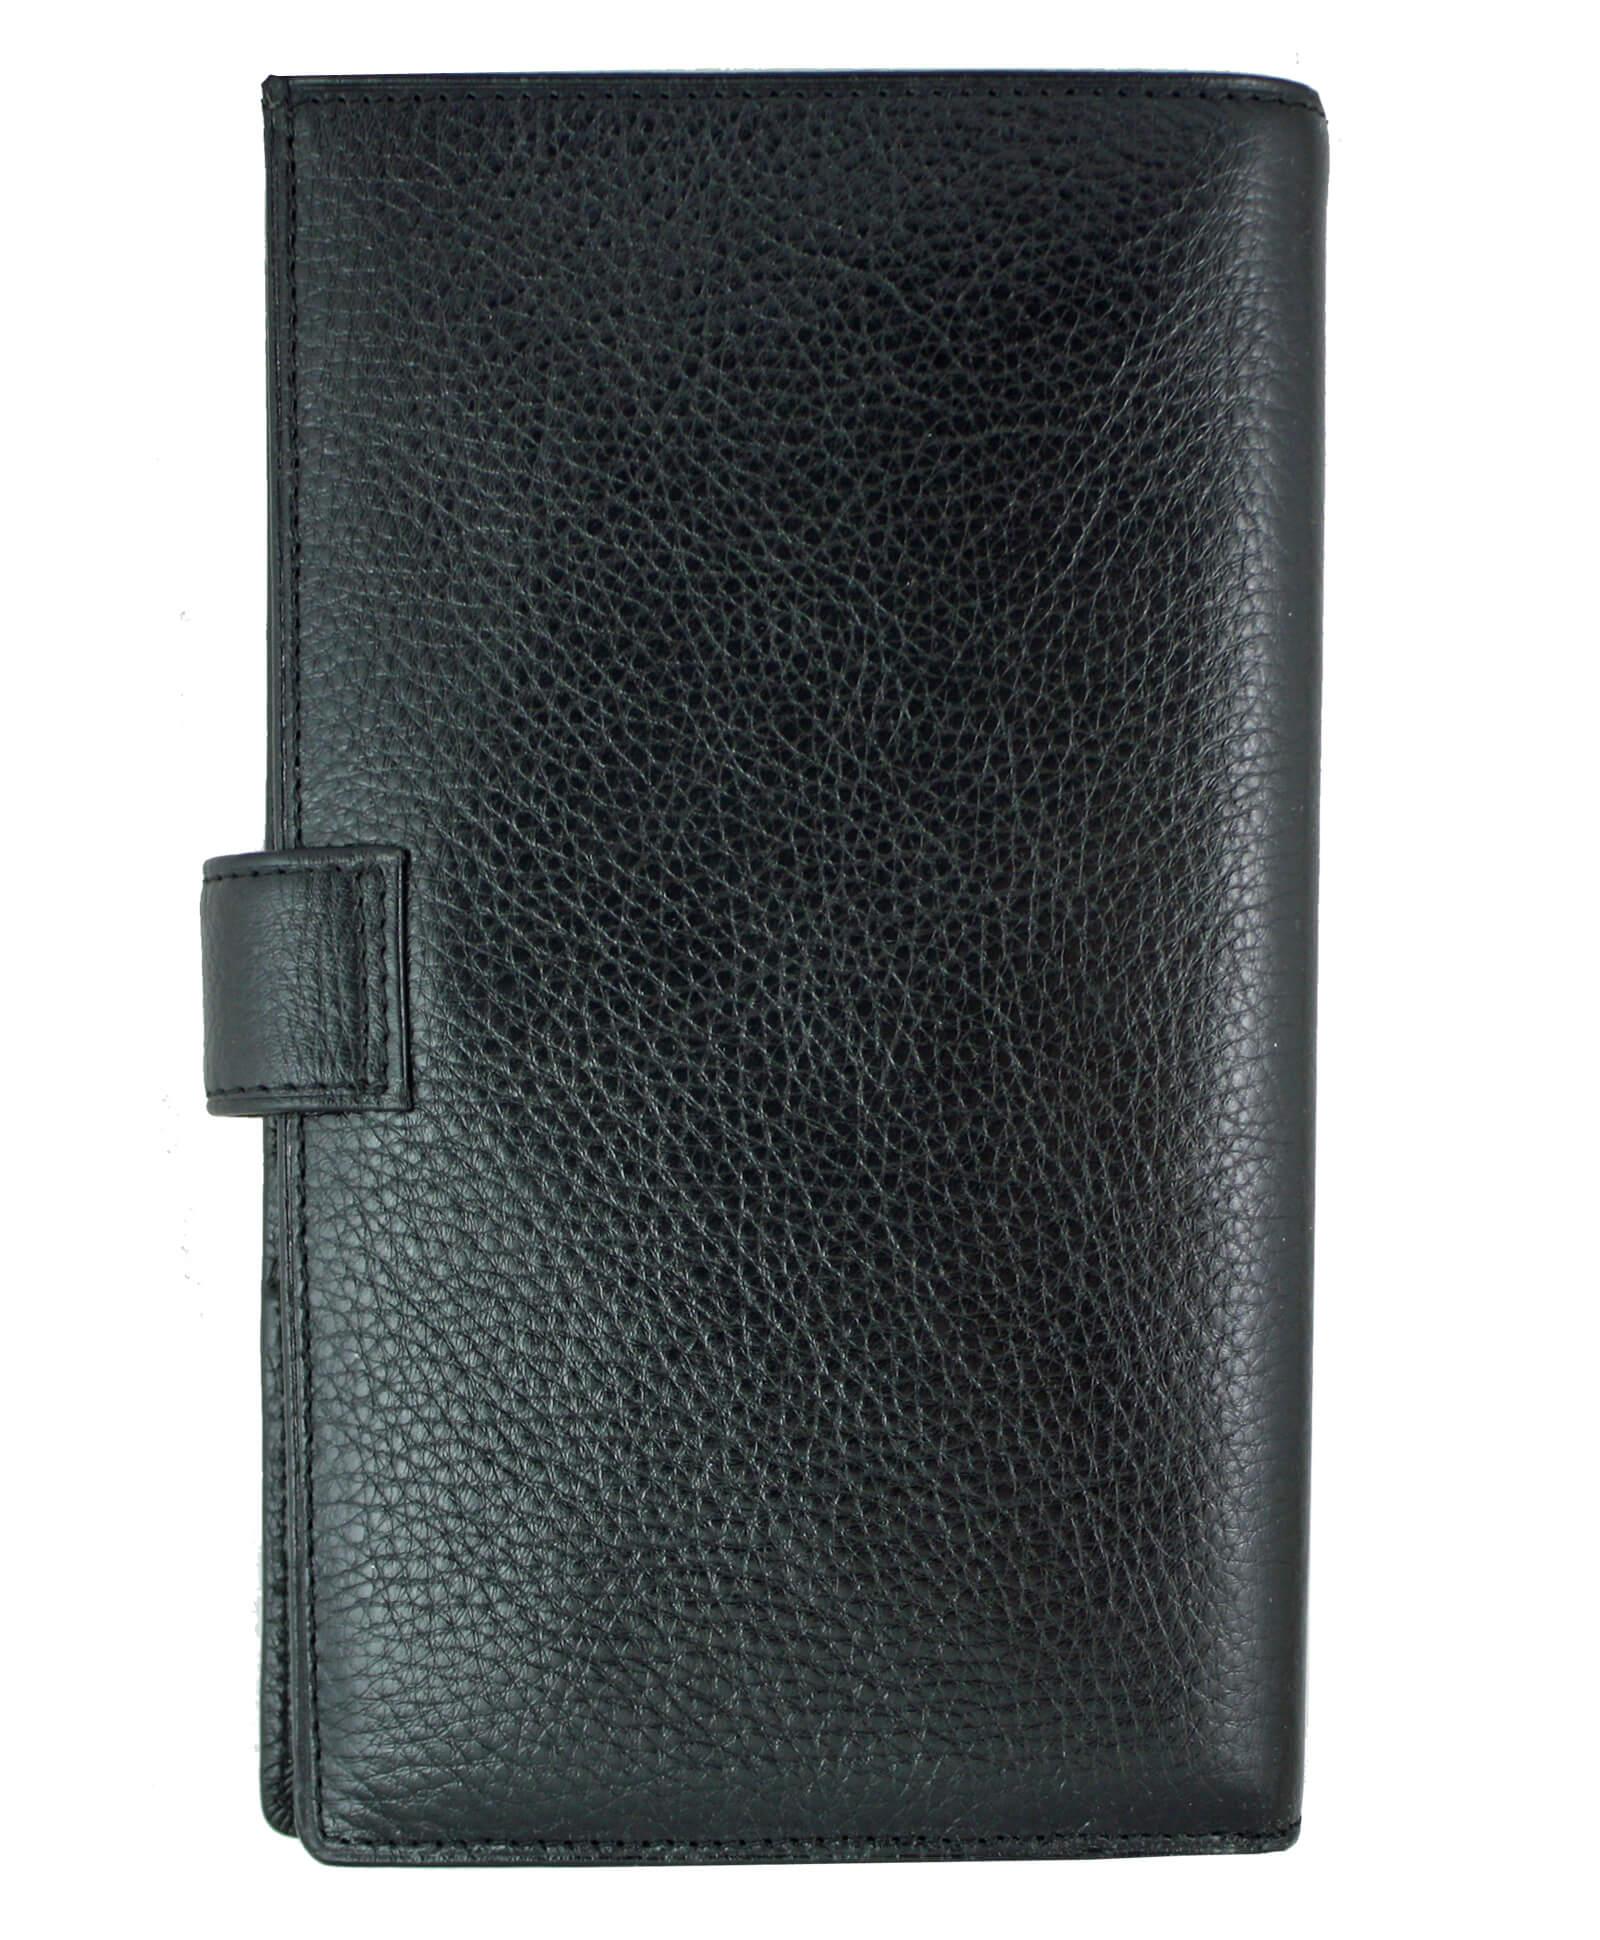 8a7d3f970b26d Bardzo duży portfel męski skórzany Wittchen 21-1-263, czarny